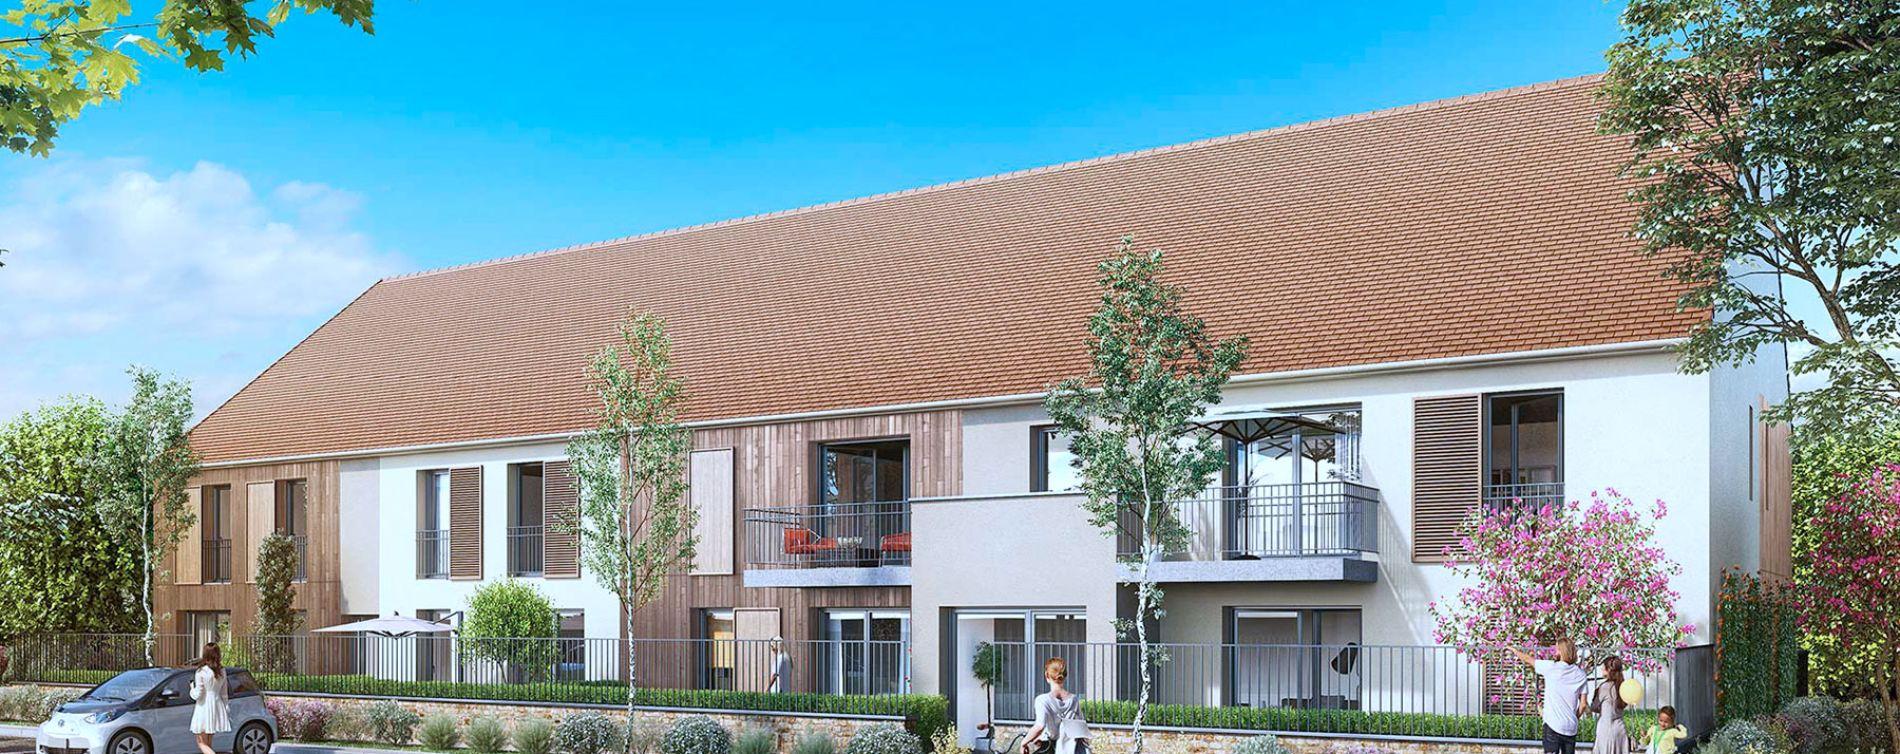 Mauchamps : programme immobilier neuve « Le Hameau de la Guérinière » (3)